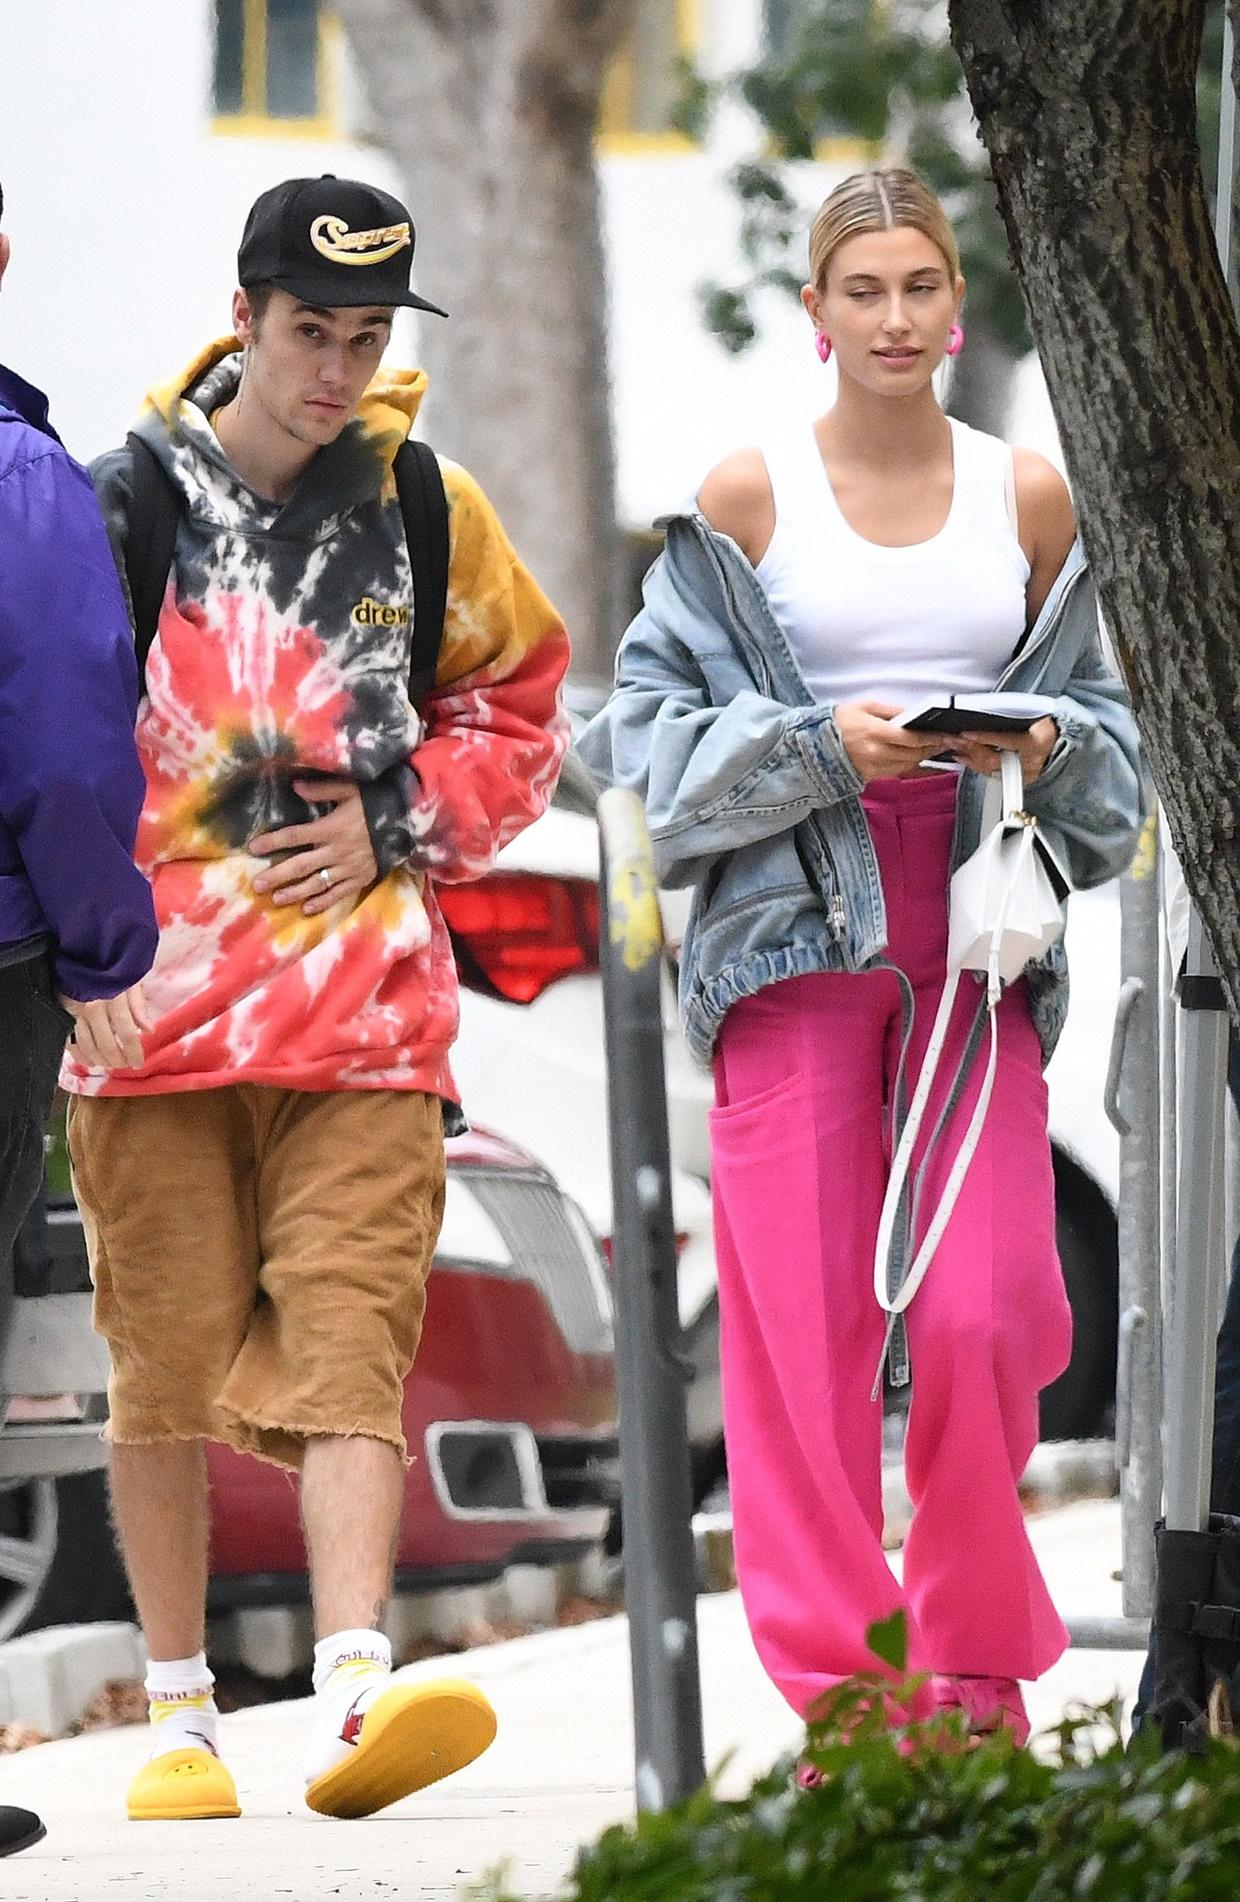 Nie uwierzycie, co zrobił Justin Bieber, kiedy bezdomny poprosił go o pieniądze